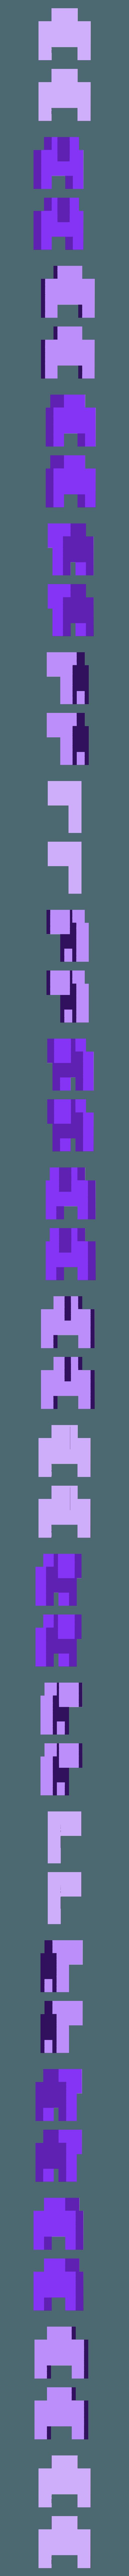 White-Top_and_bottom_pointing_eyes.stl Télécharger fichier STL gratuit PacMan 8 bits et fantômes - Pièces séparées (pas besoin de colle) • Design à imprimer en 3D, conceptify